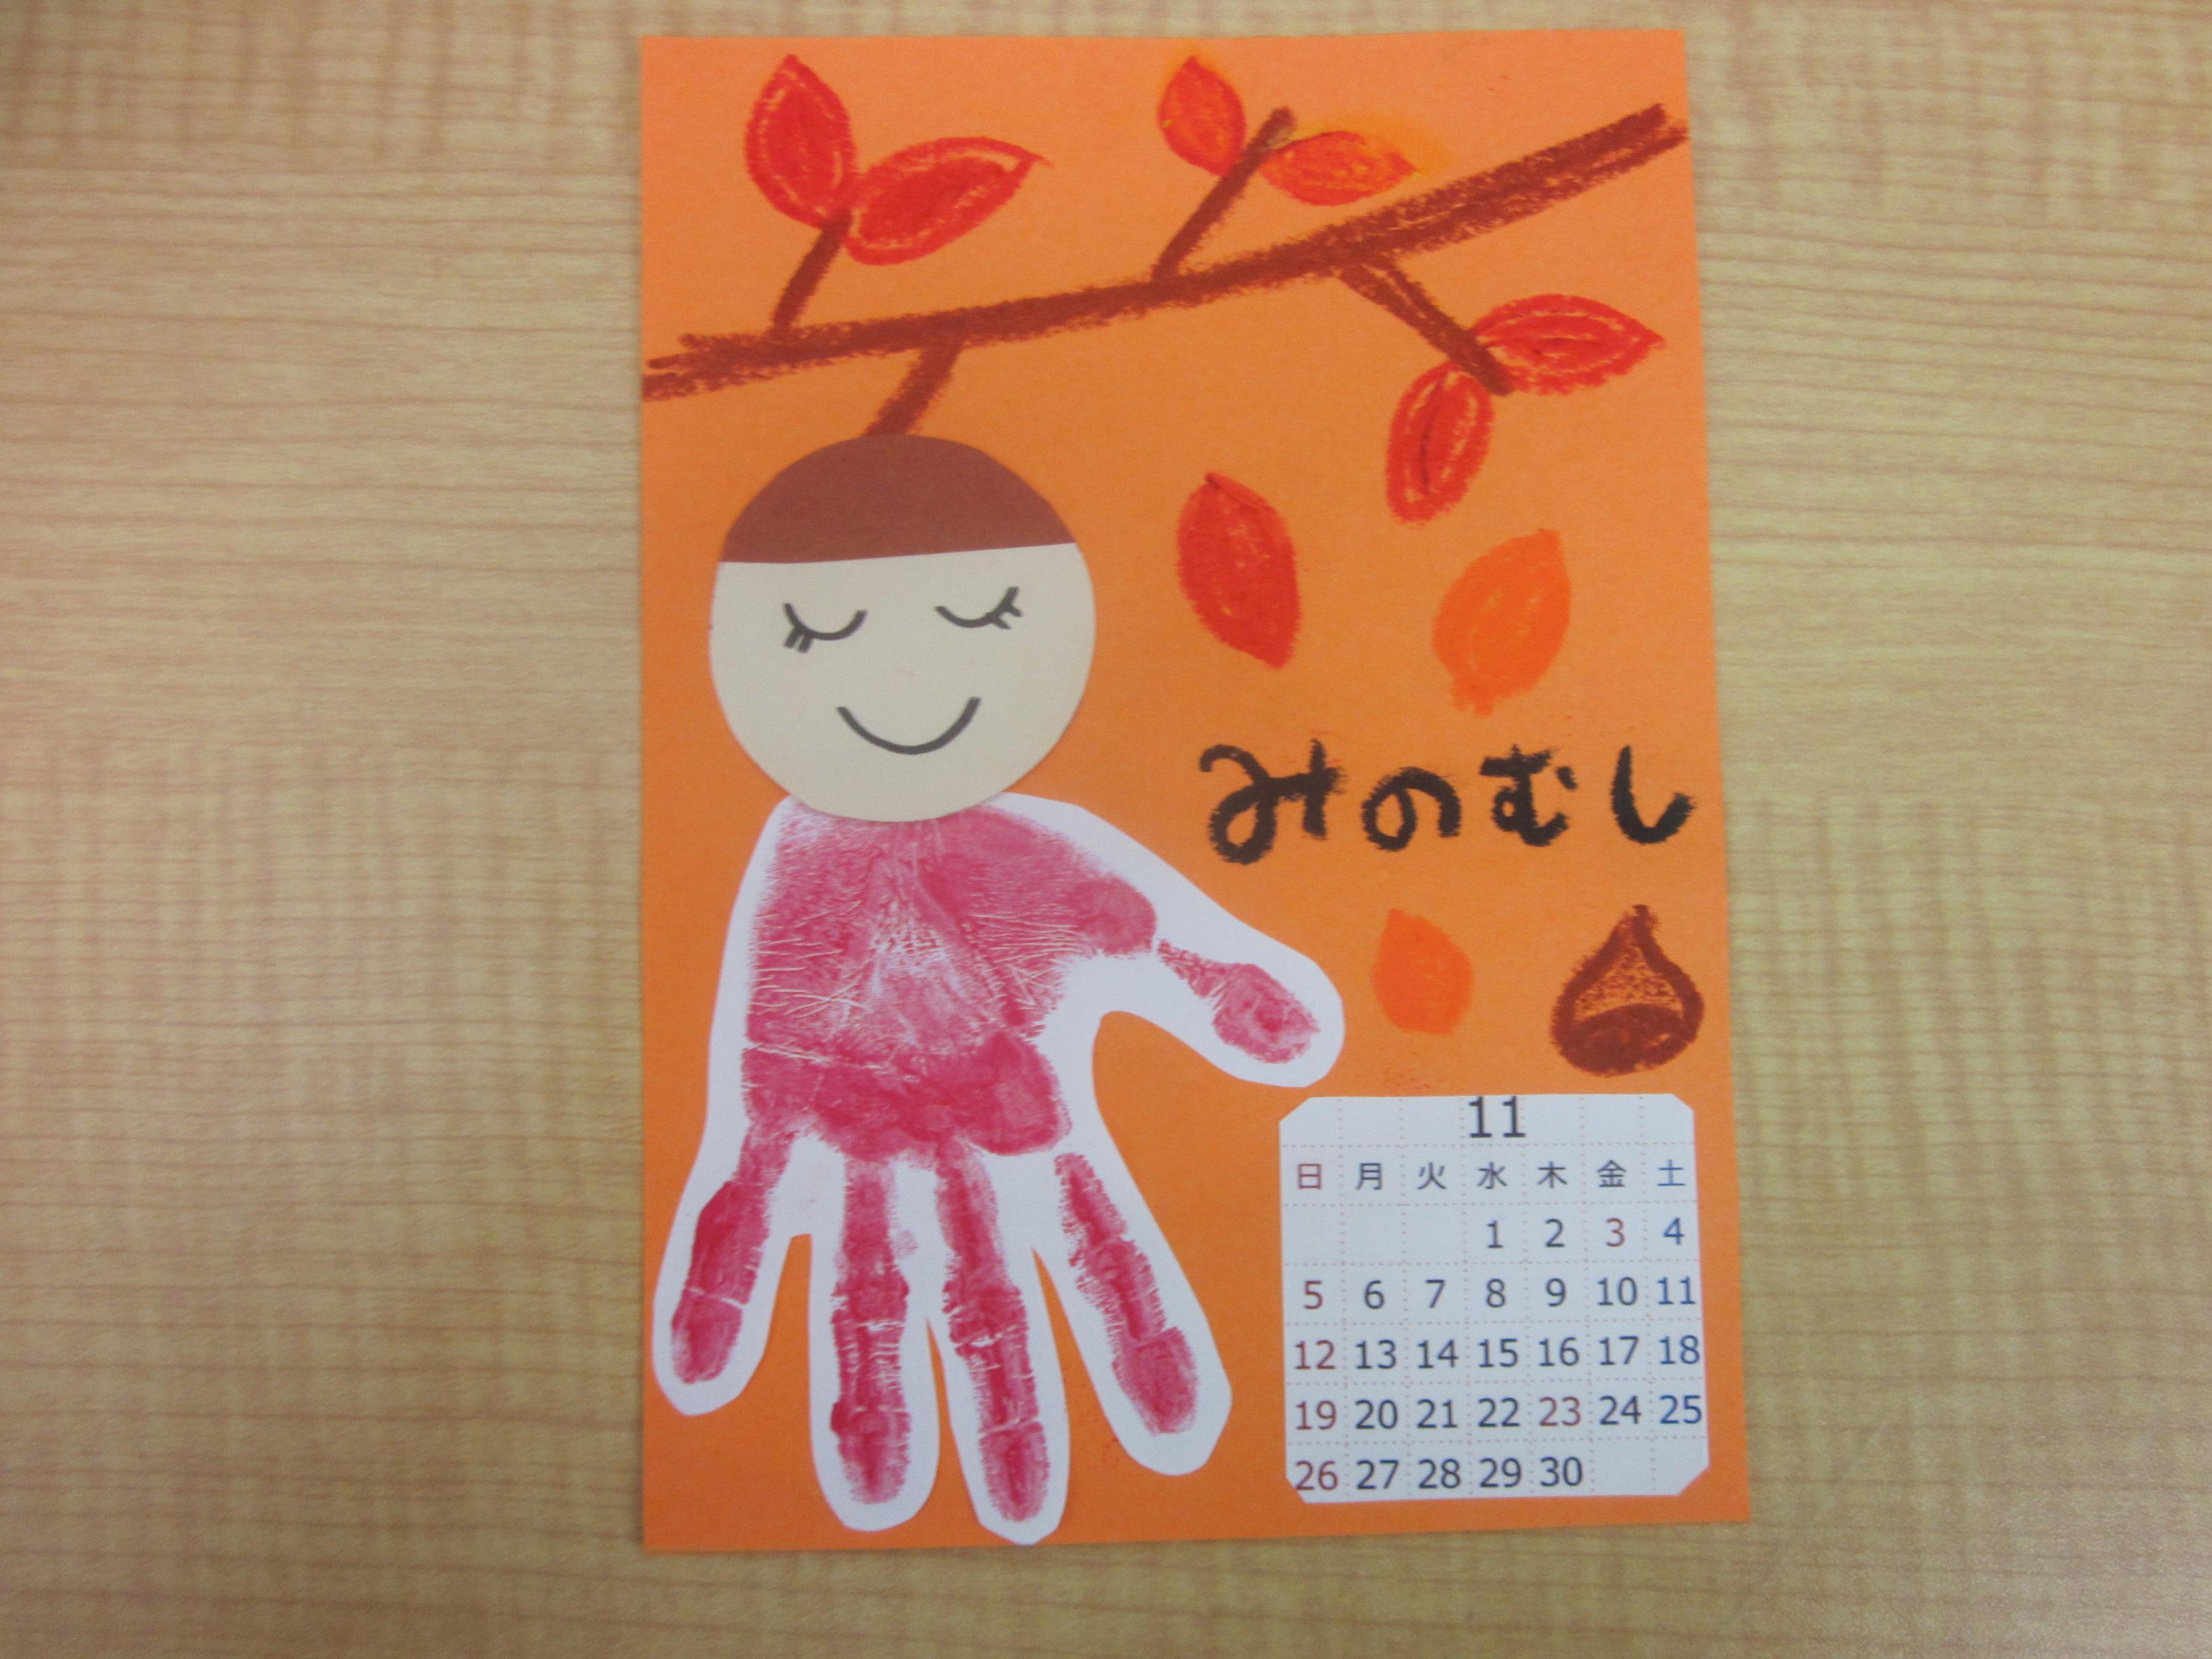 10月5日(木)赤ちゃんの日イベント「手形でみのむし作り☆秋の葉で飾り付け」を行います